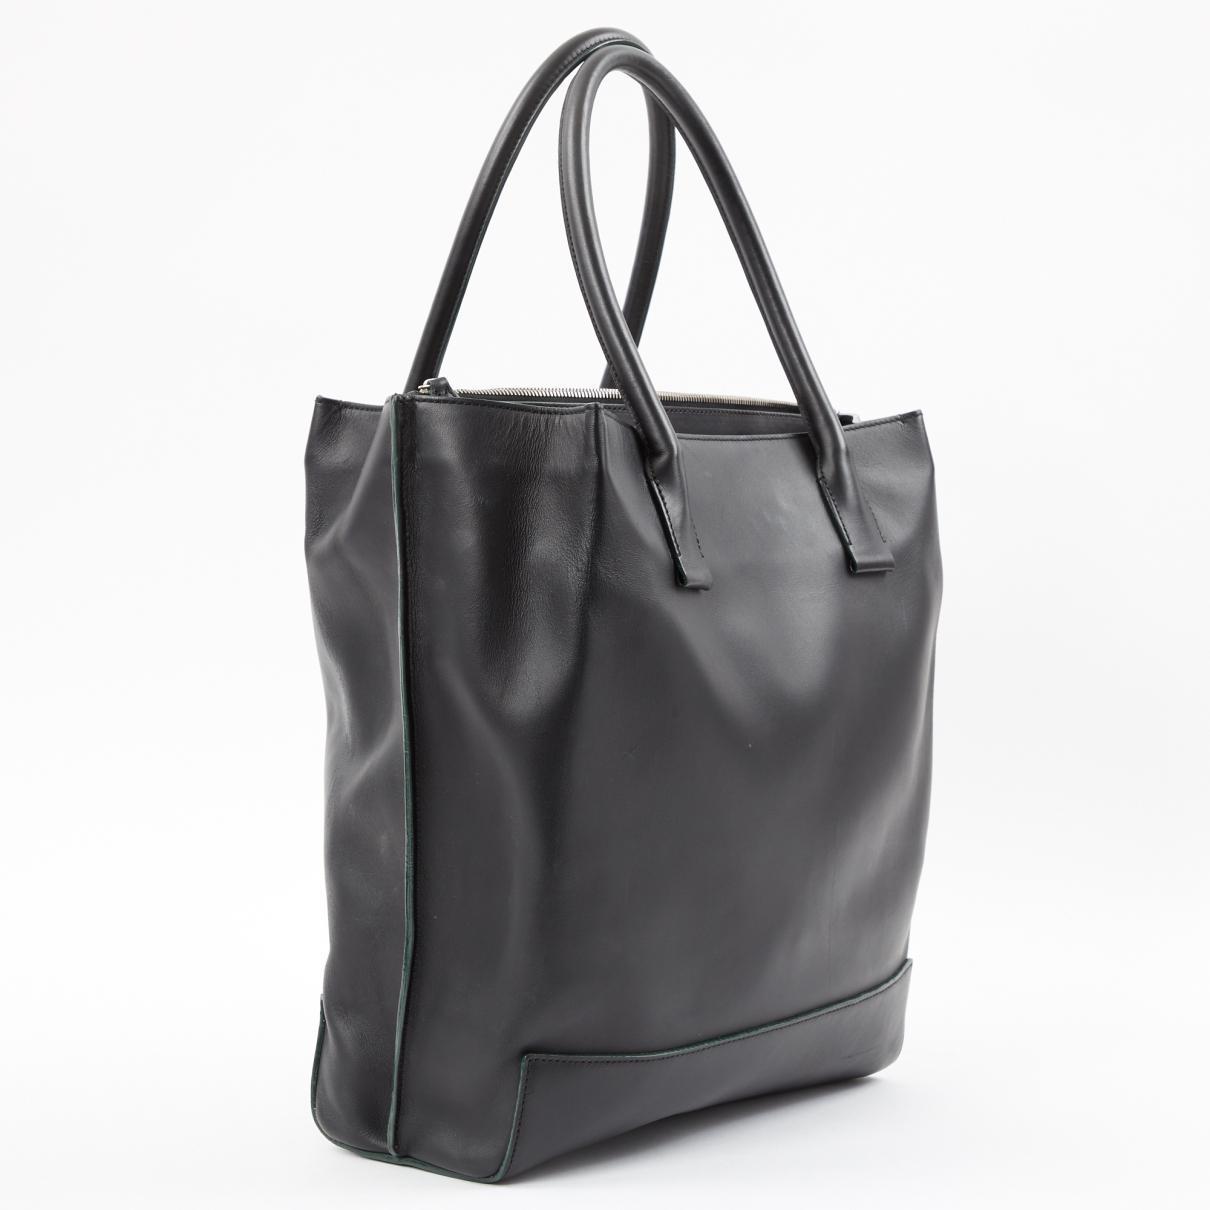 Mulberry - Black Leather Handbag - Lyst. View fullscreen dd03caa20aeaf